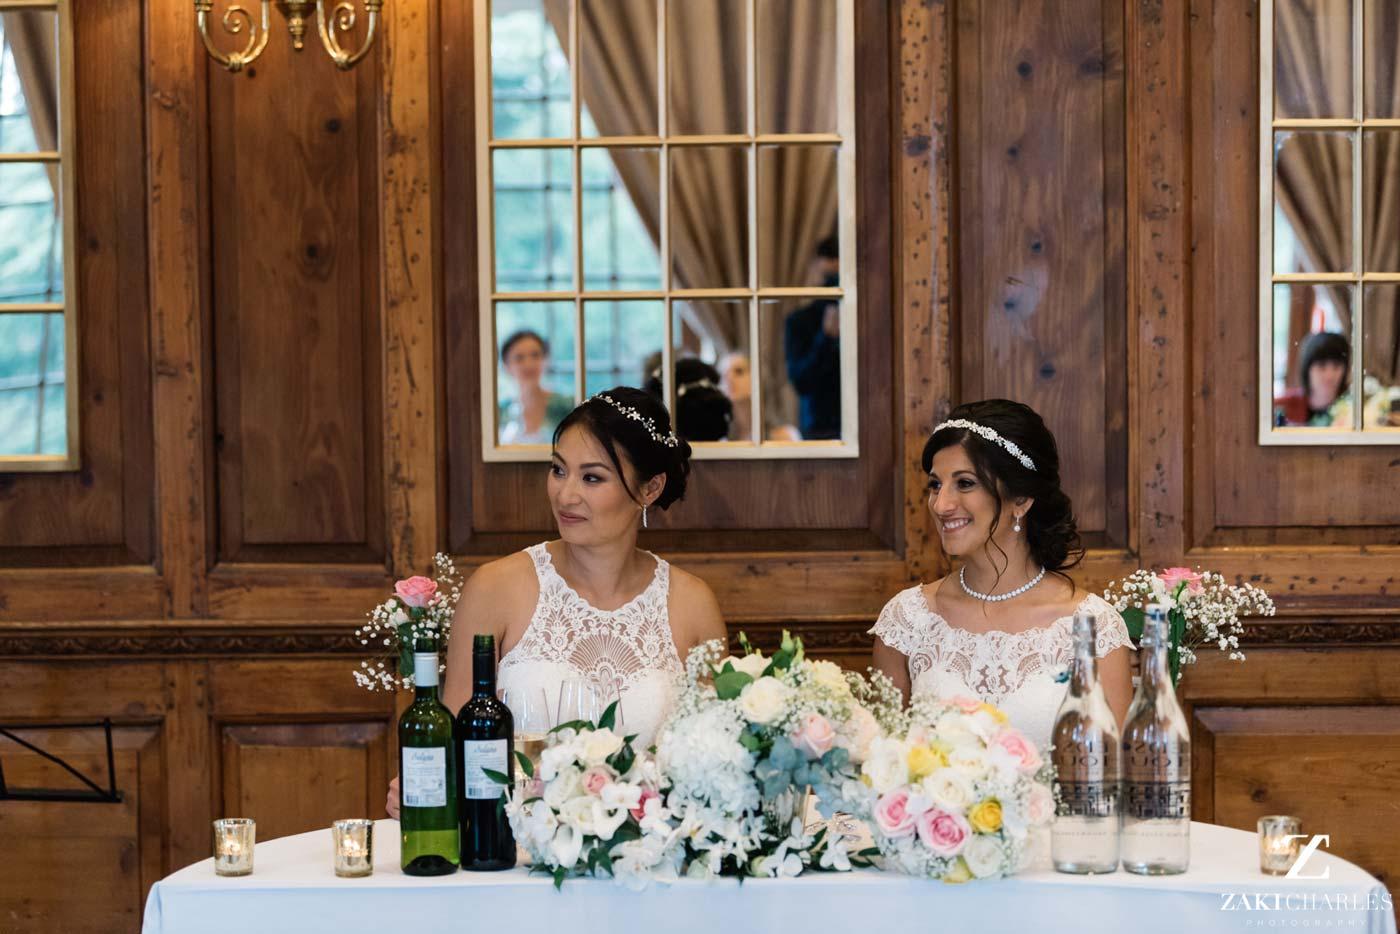 Same sex wedding at Hedsor House 4